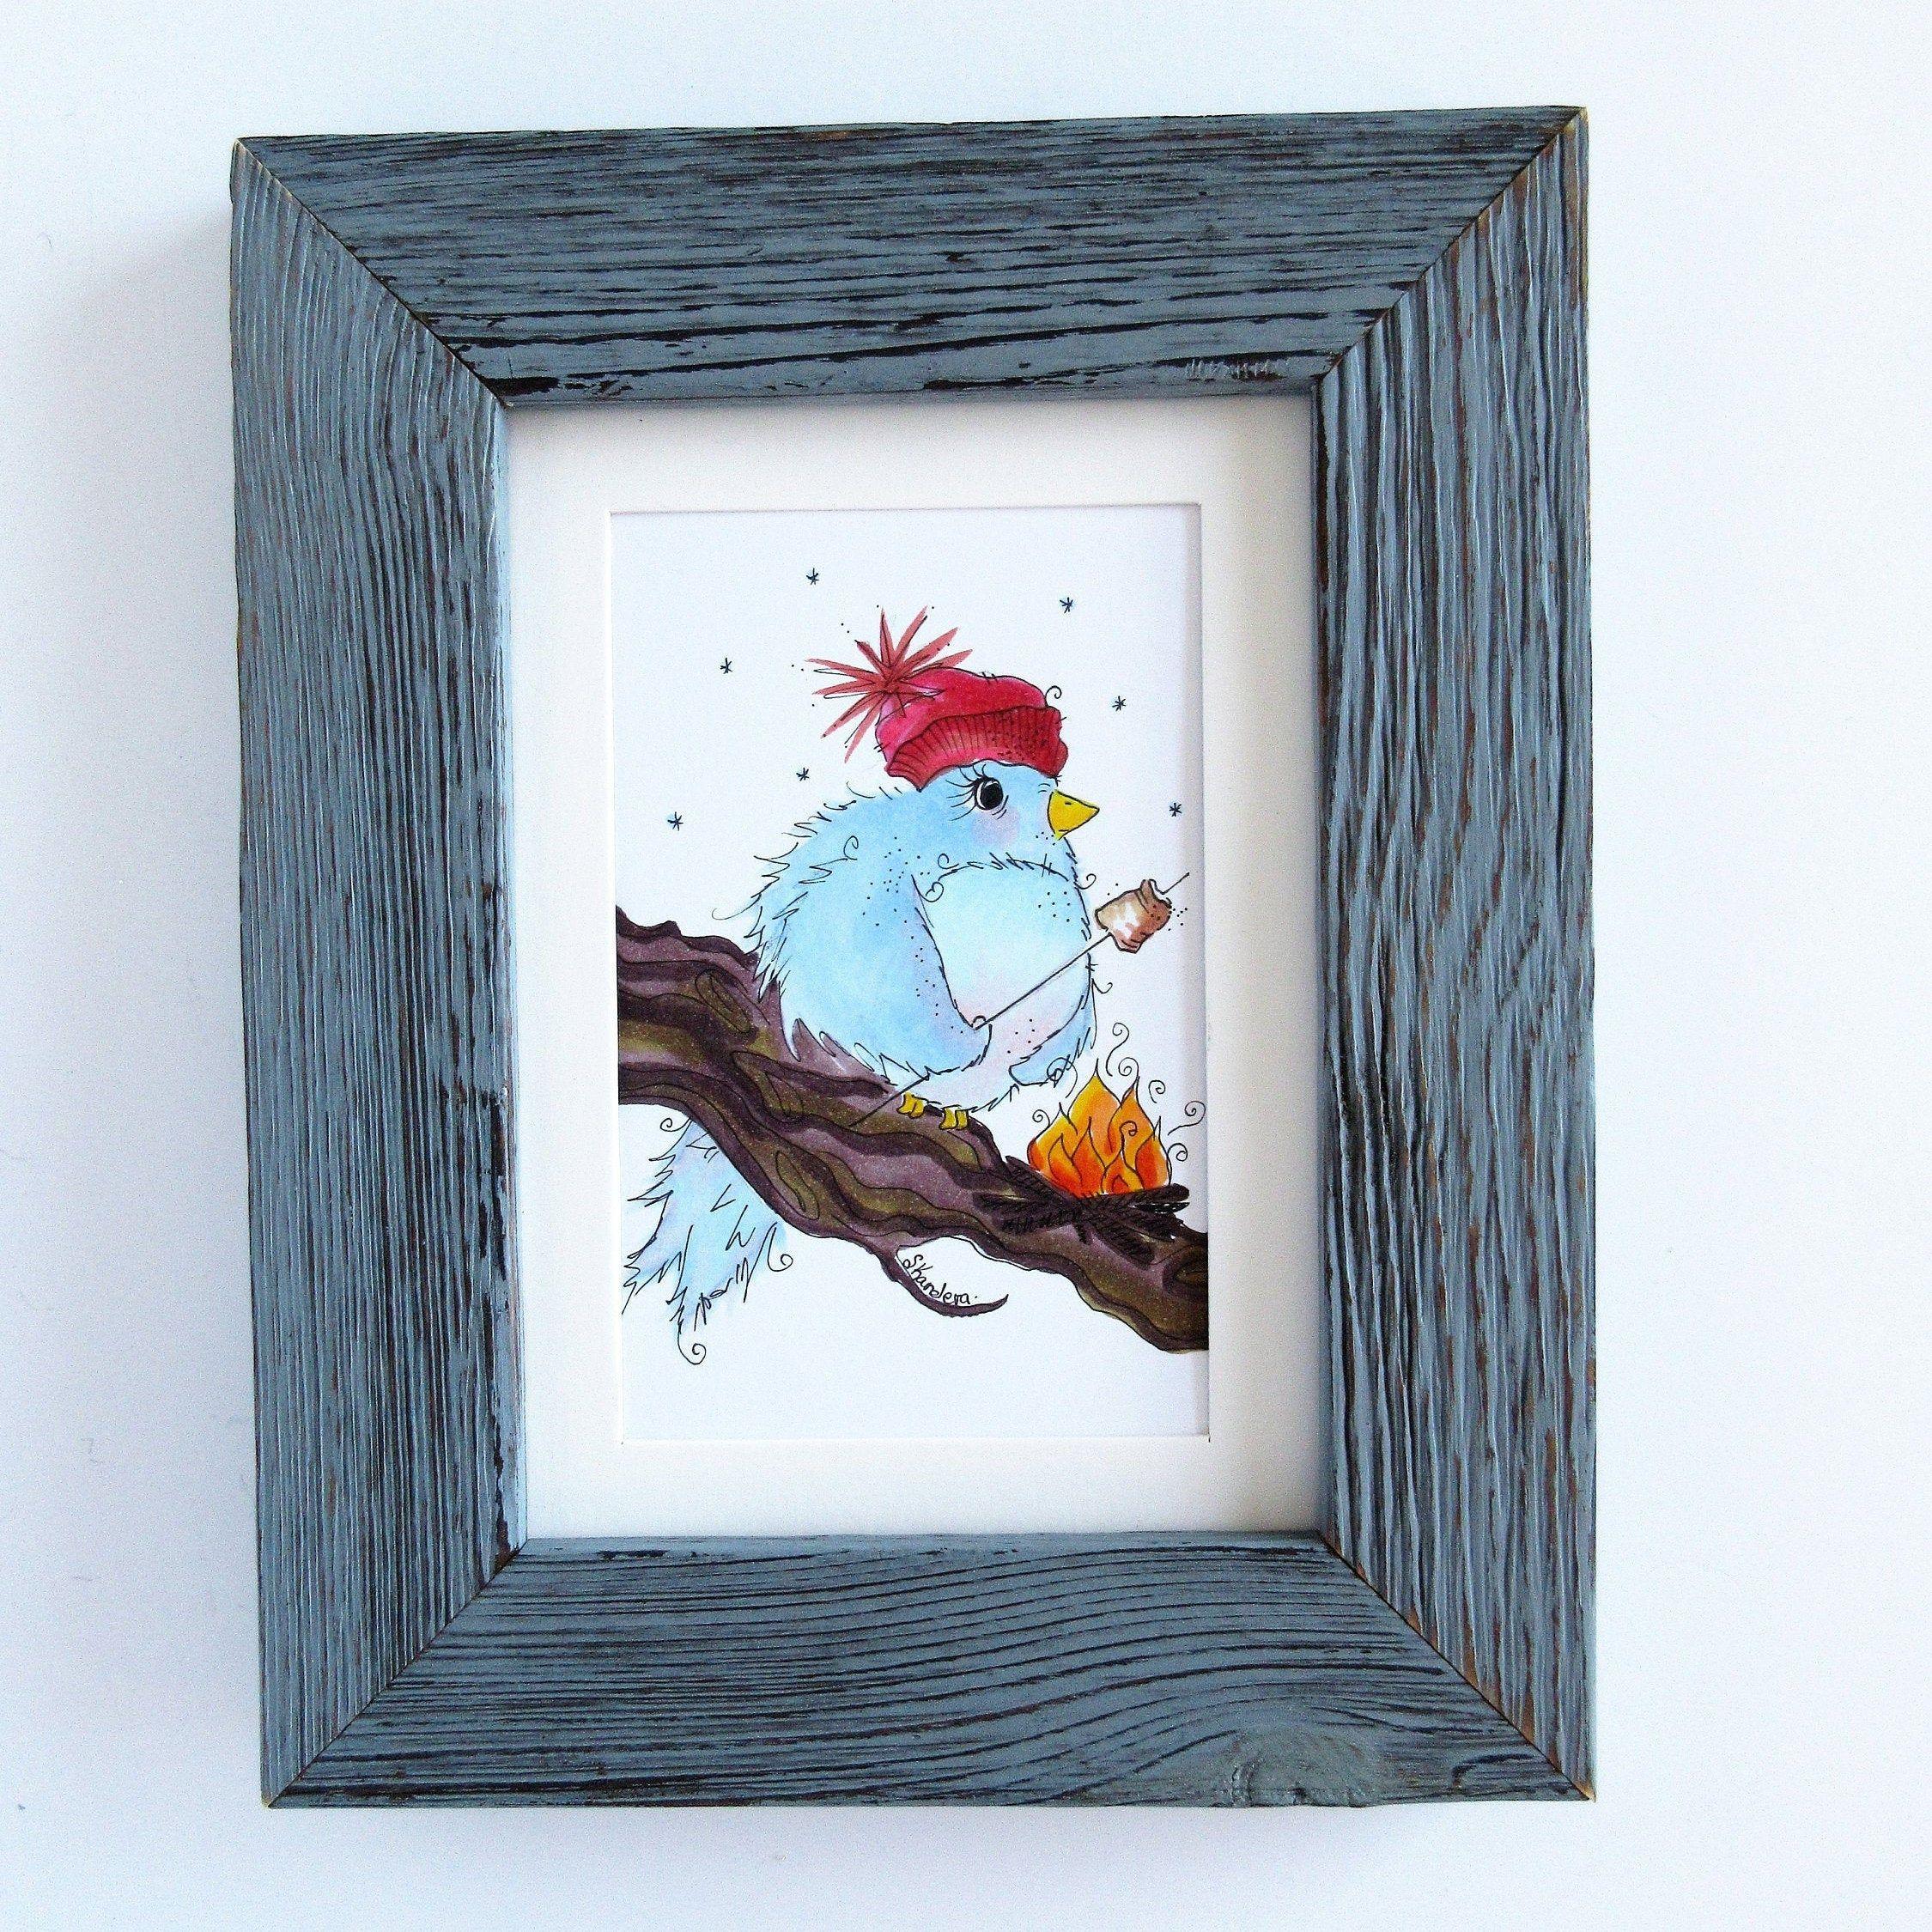 Photo of Arte de pájaro de invierno, pájaro de hoguera, ilustración de pájaro caprichoso, arte de invierno, arte de navidad, regalos de inauguración de la casa, regalo de navidad, decoración de pared única